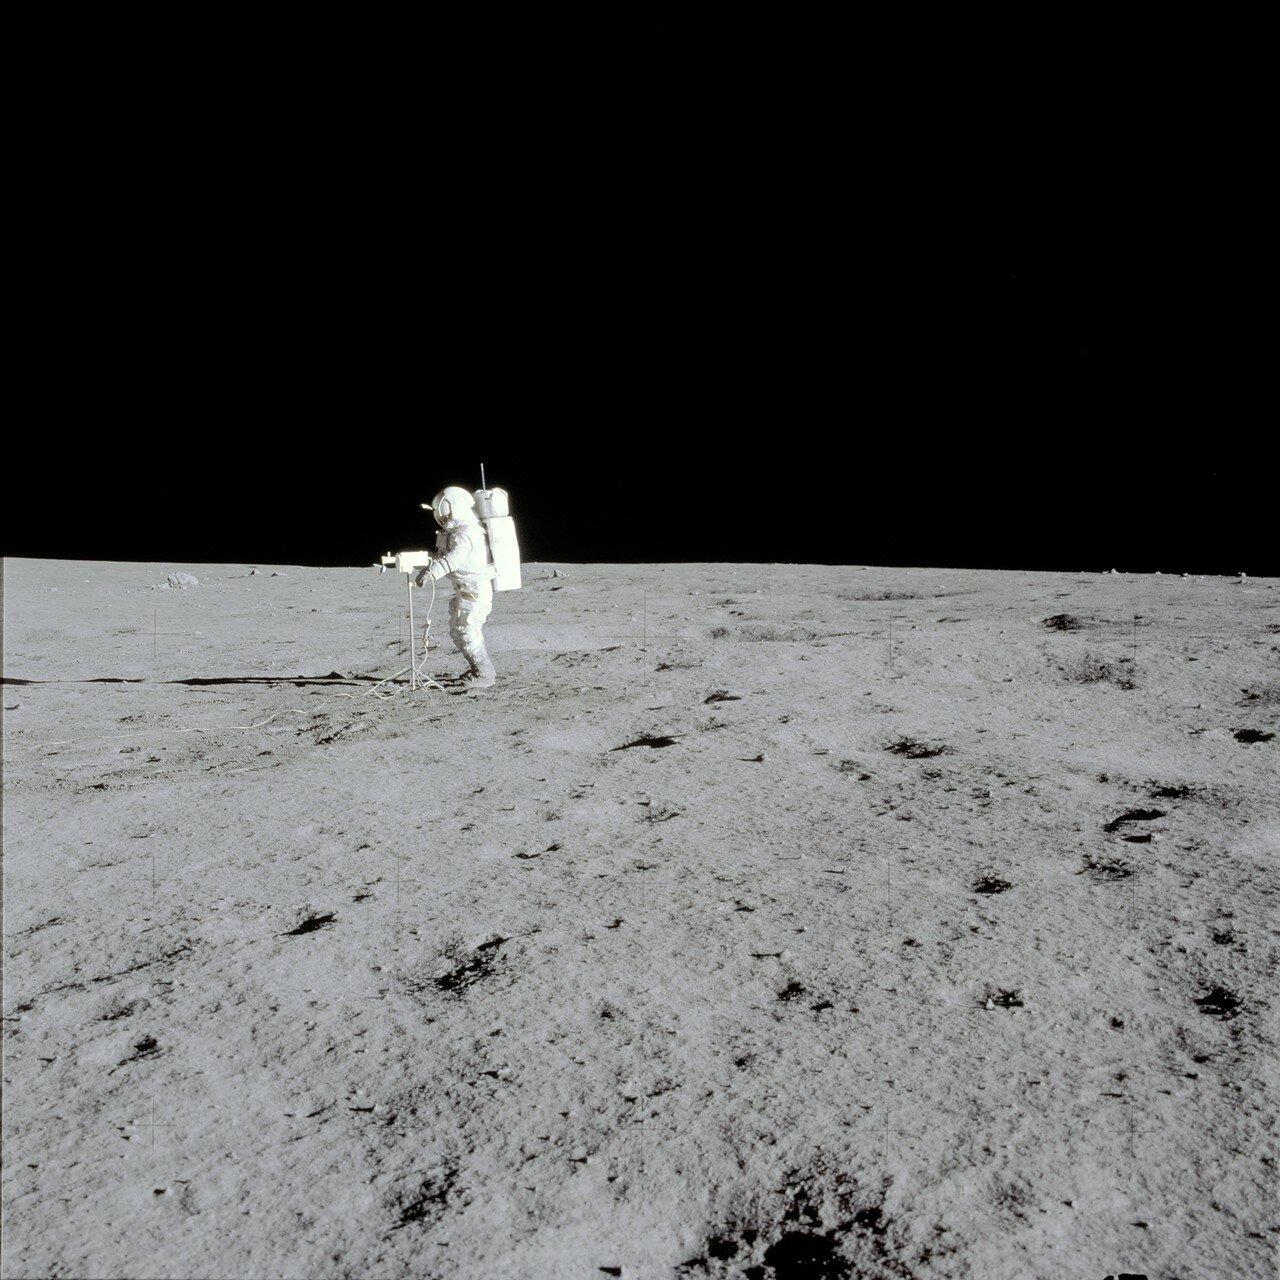 Митчелл, взяв телекамеру в руки, показал окружающий ландшафт, сопровождая это комментариями. На снимке: Митчелл управляя телекамерой показывает окружающий ландшафт